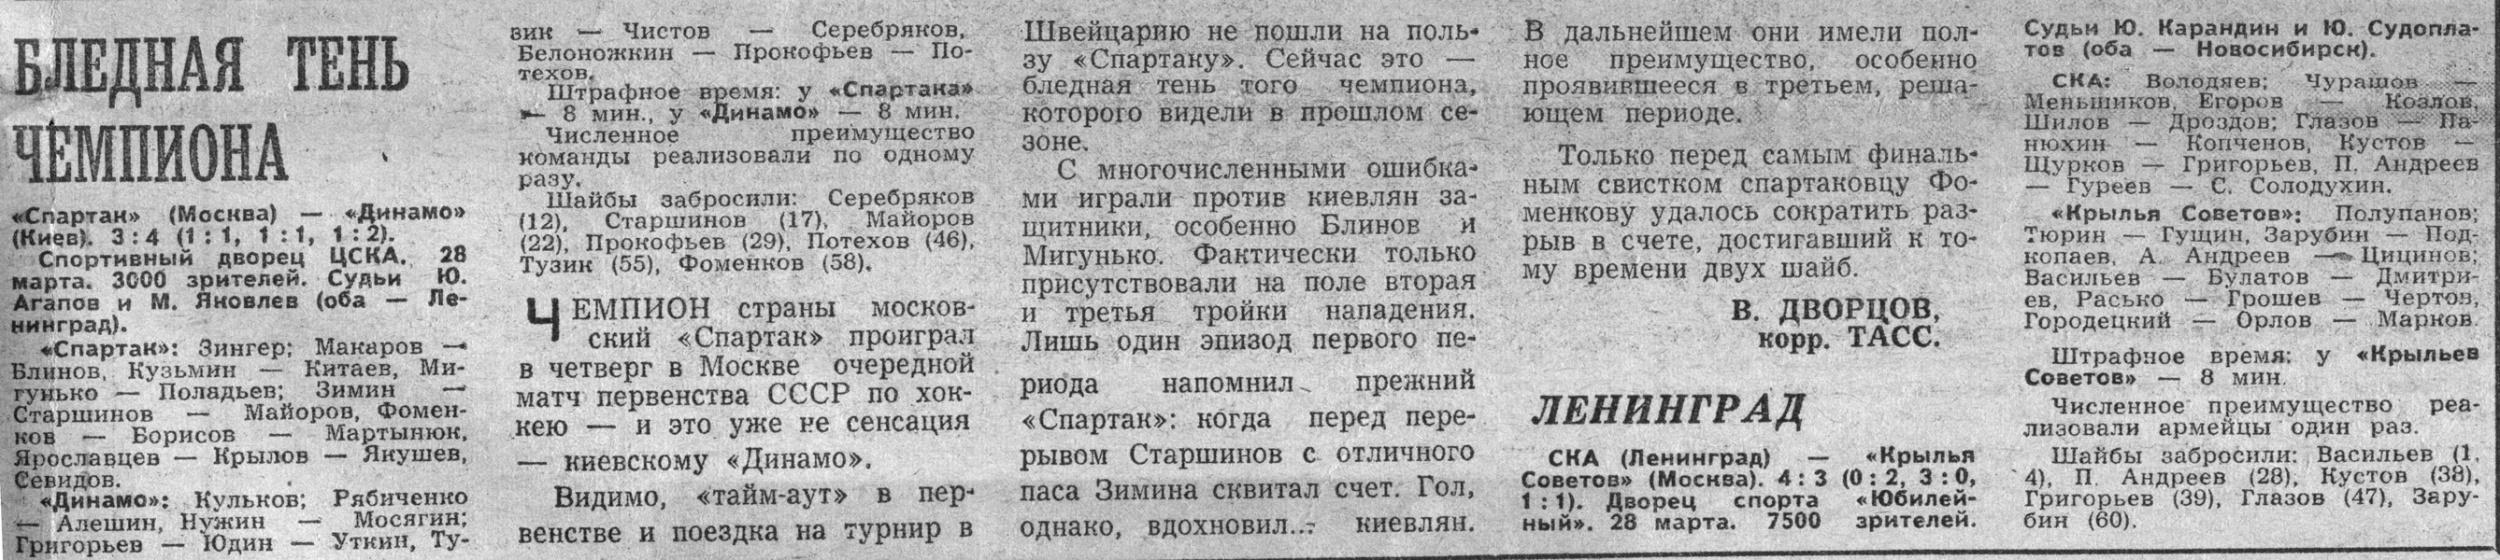 михаил рябко википедия